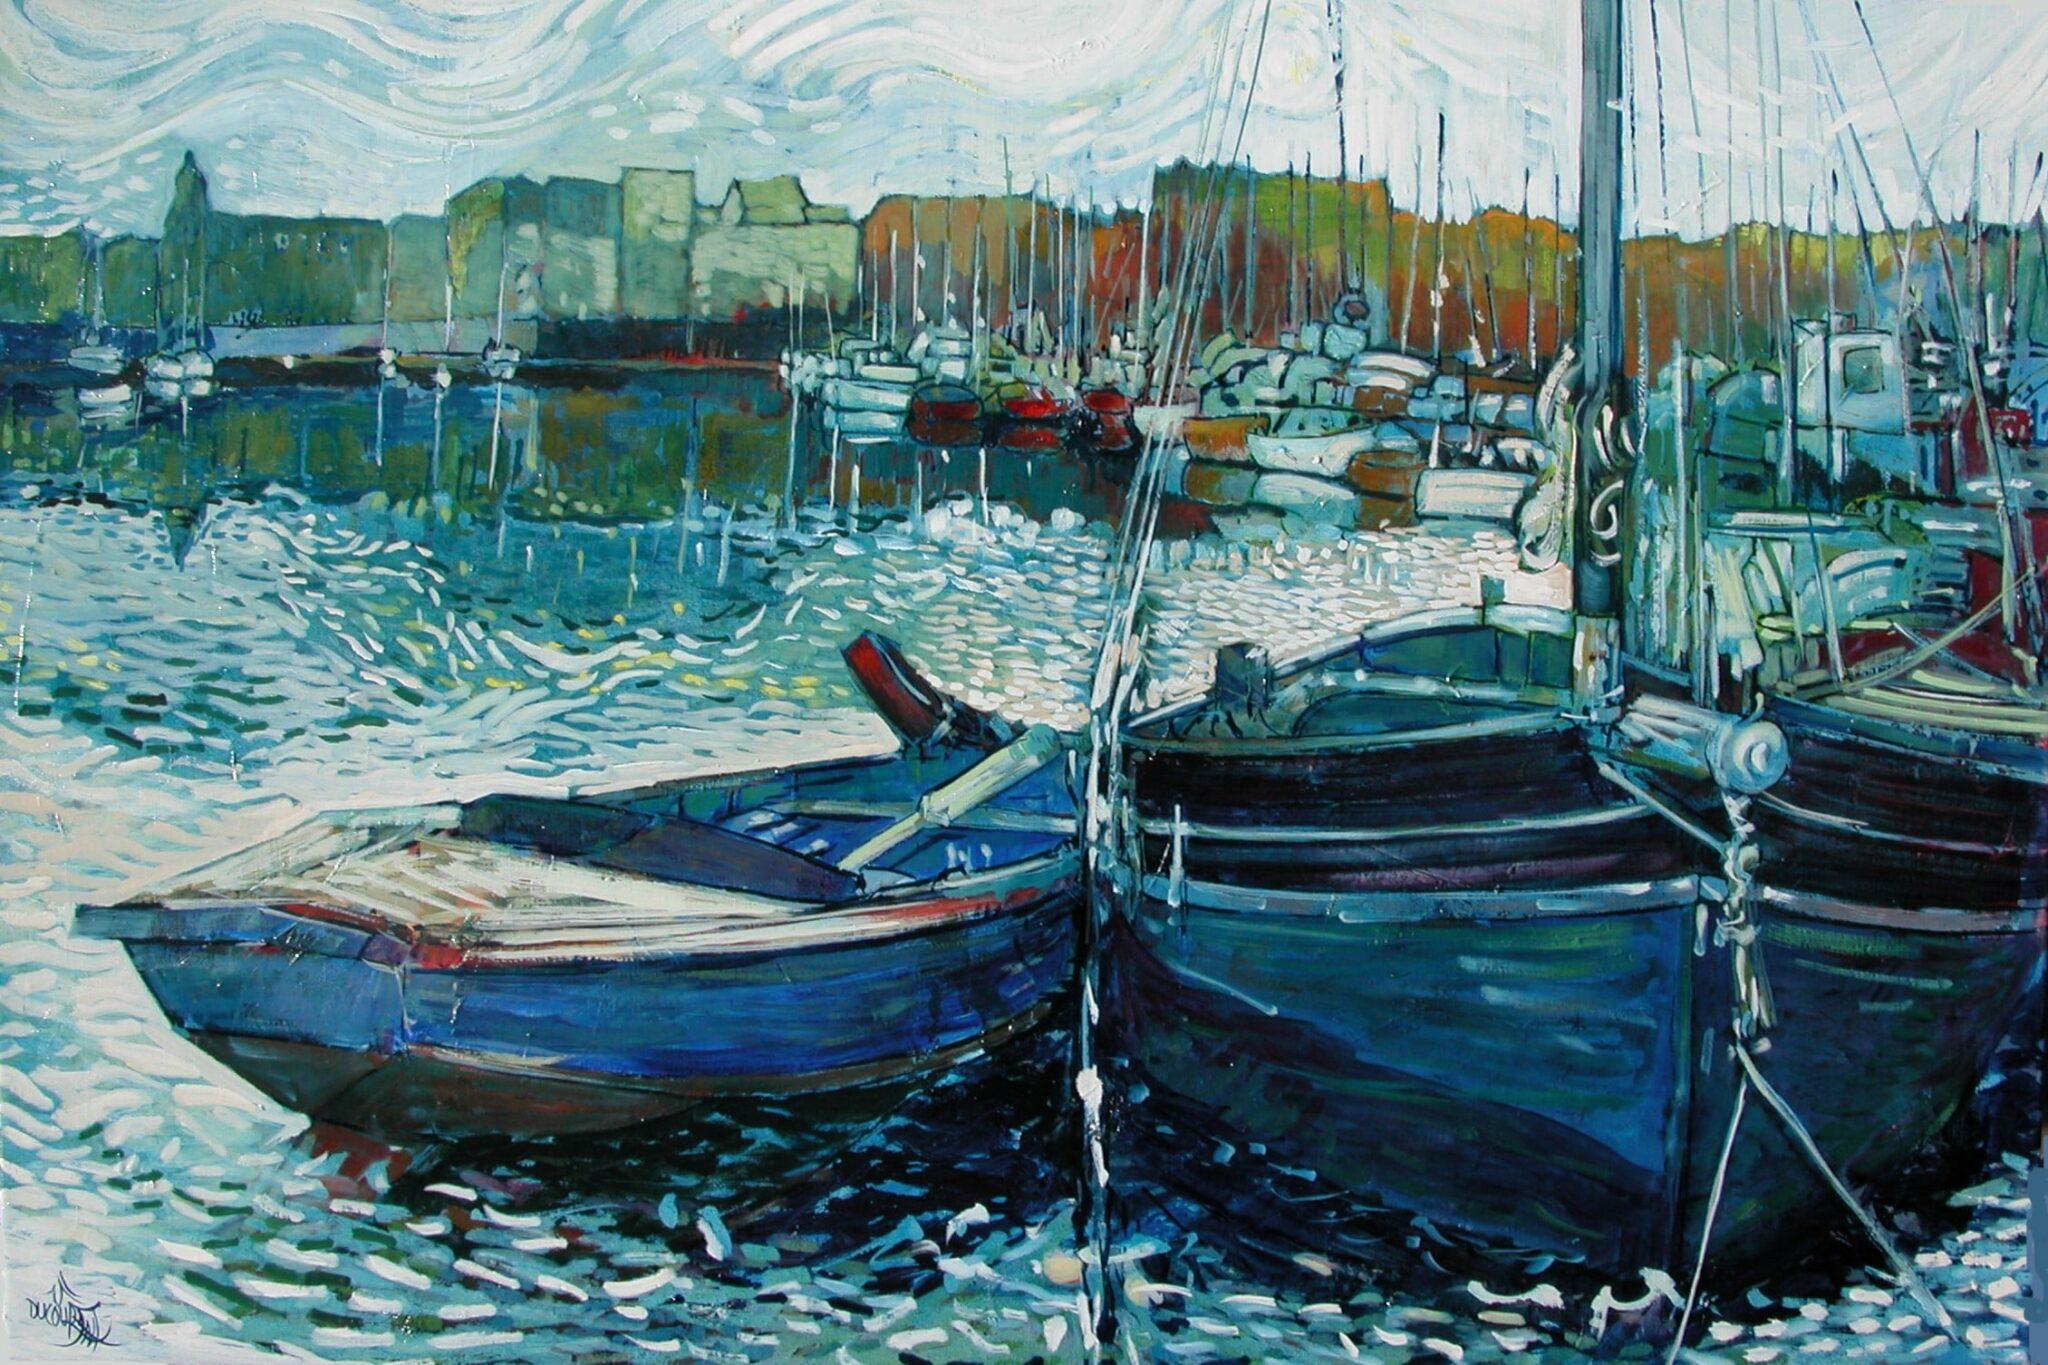 A Concarneau, les barques aussi font réveillon - 81x54cm